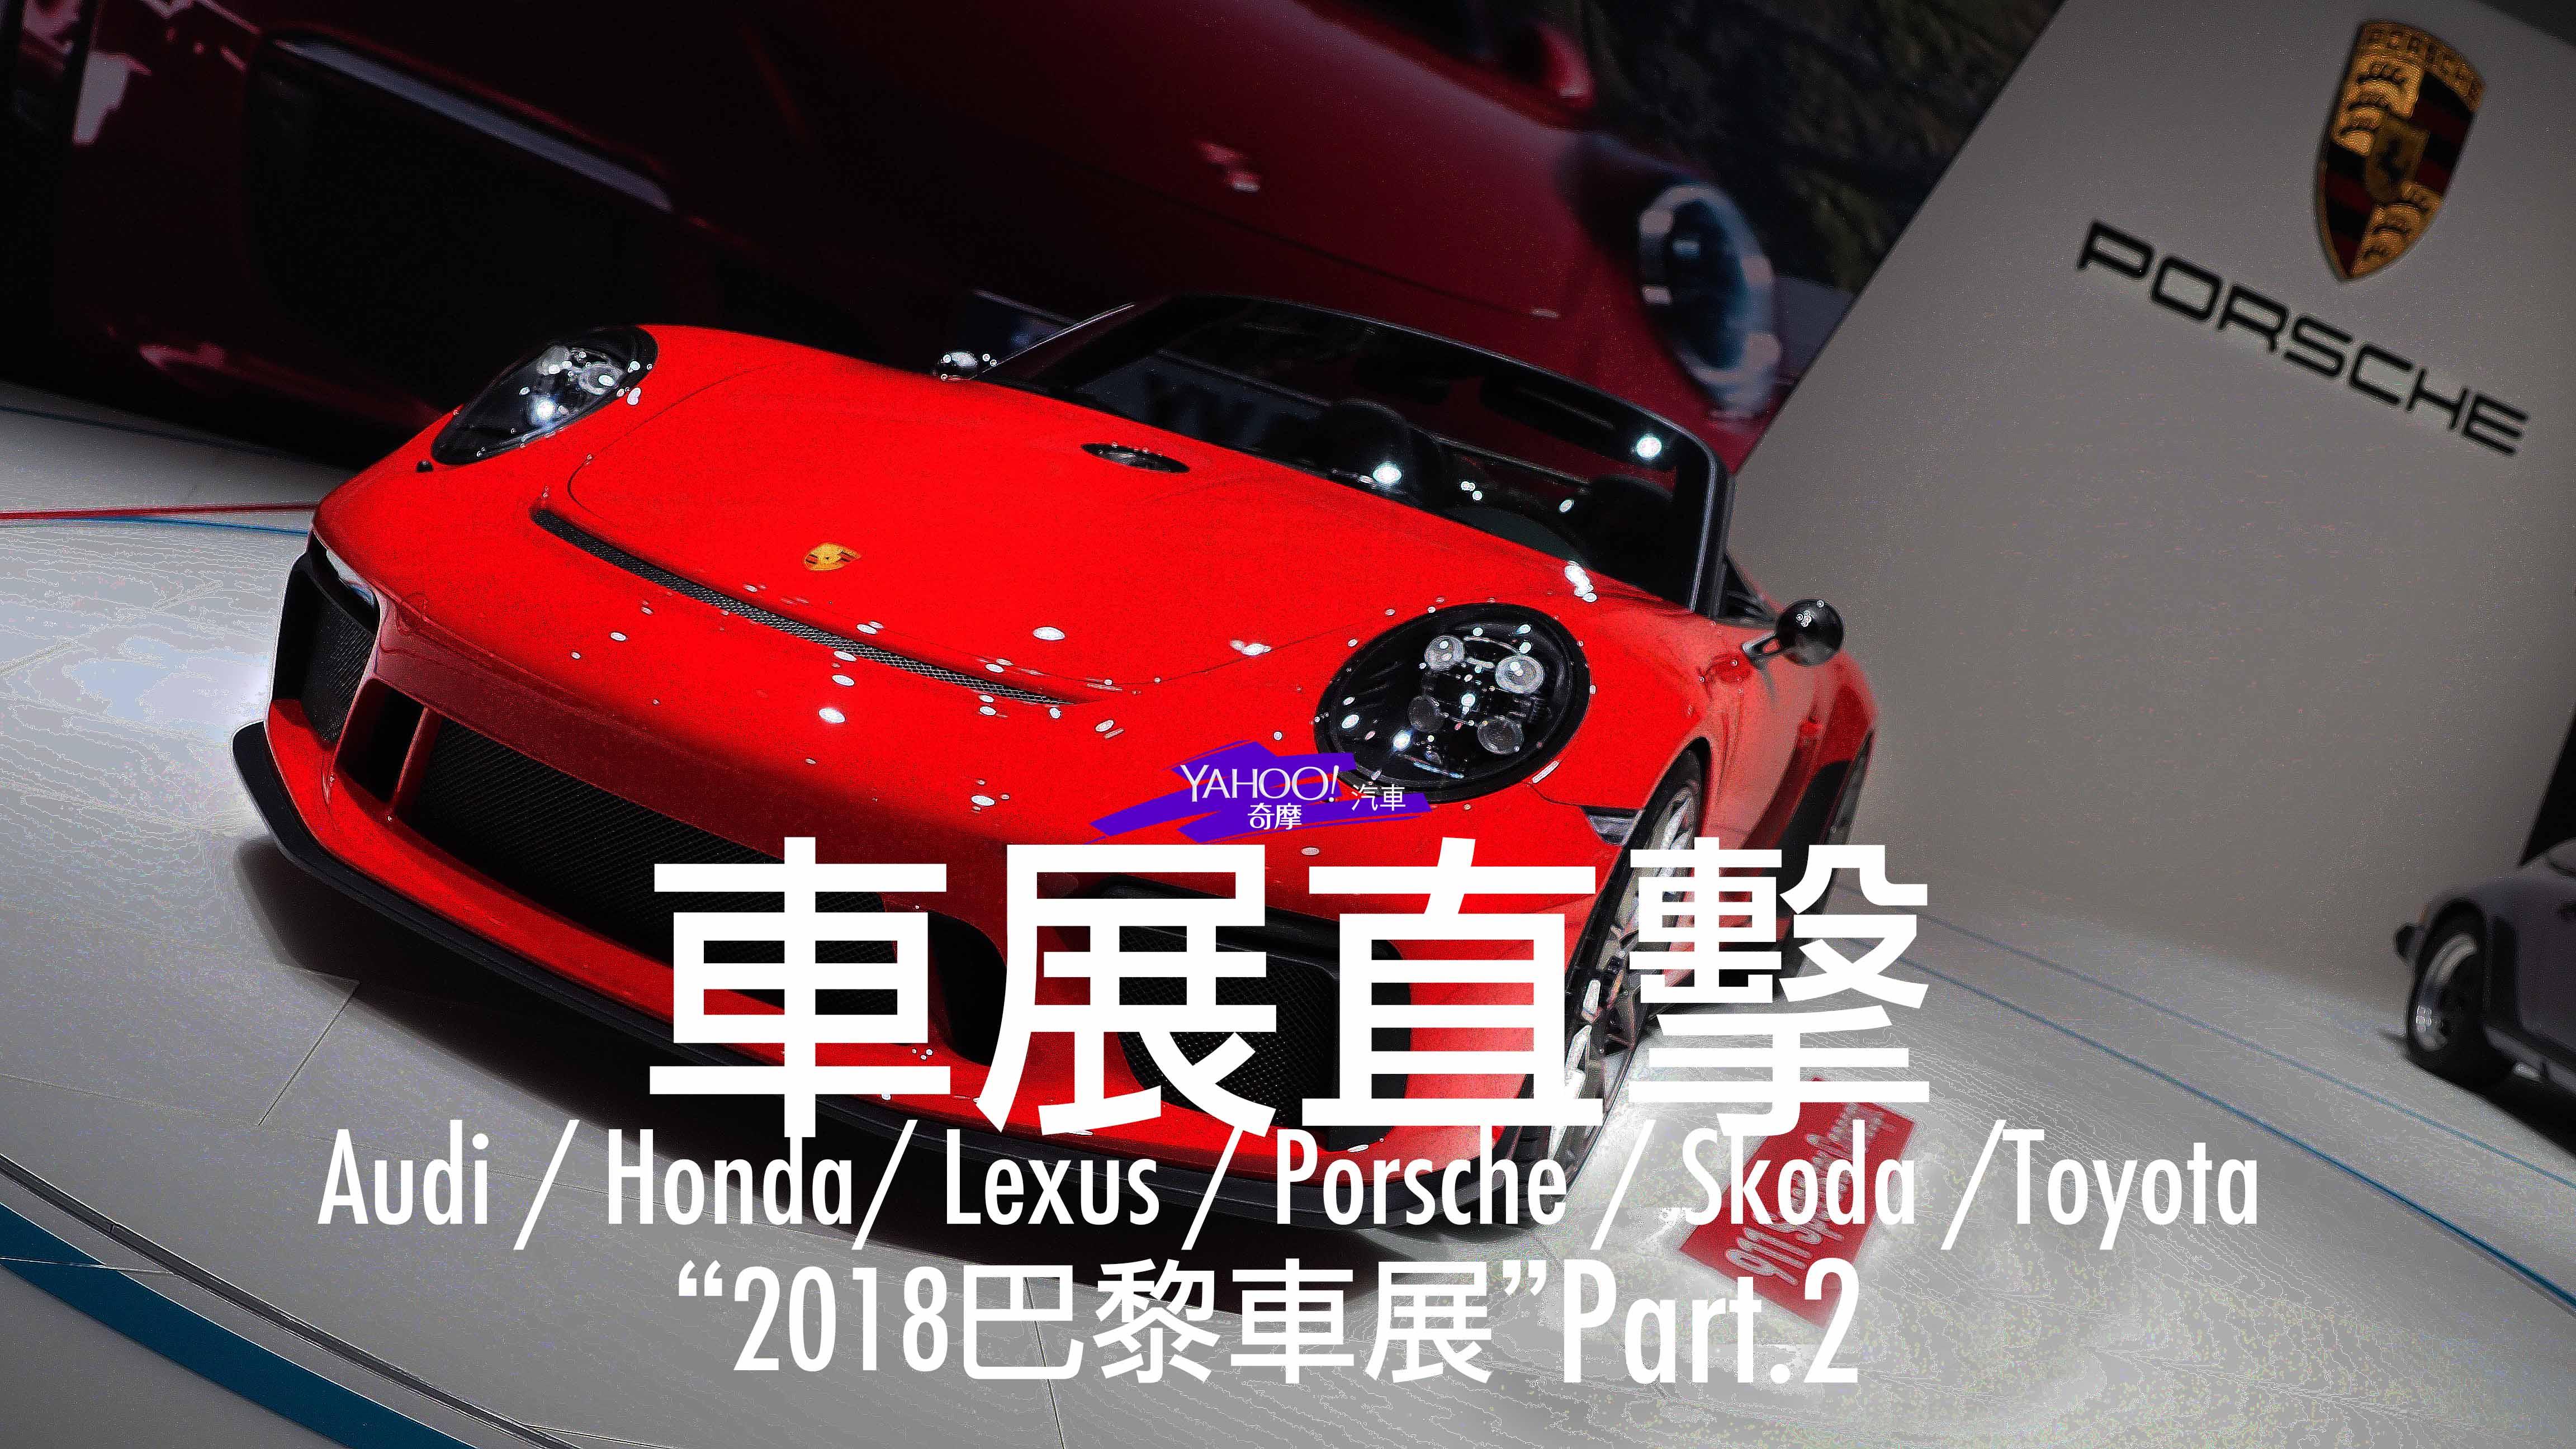 【巴黎車展看Yahoo】2018 巴黎車展直擊 Part 2 (Toyota、Lexus、Honda、Audi、Porsche及Skoda)